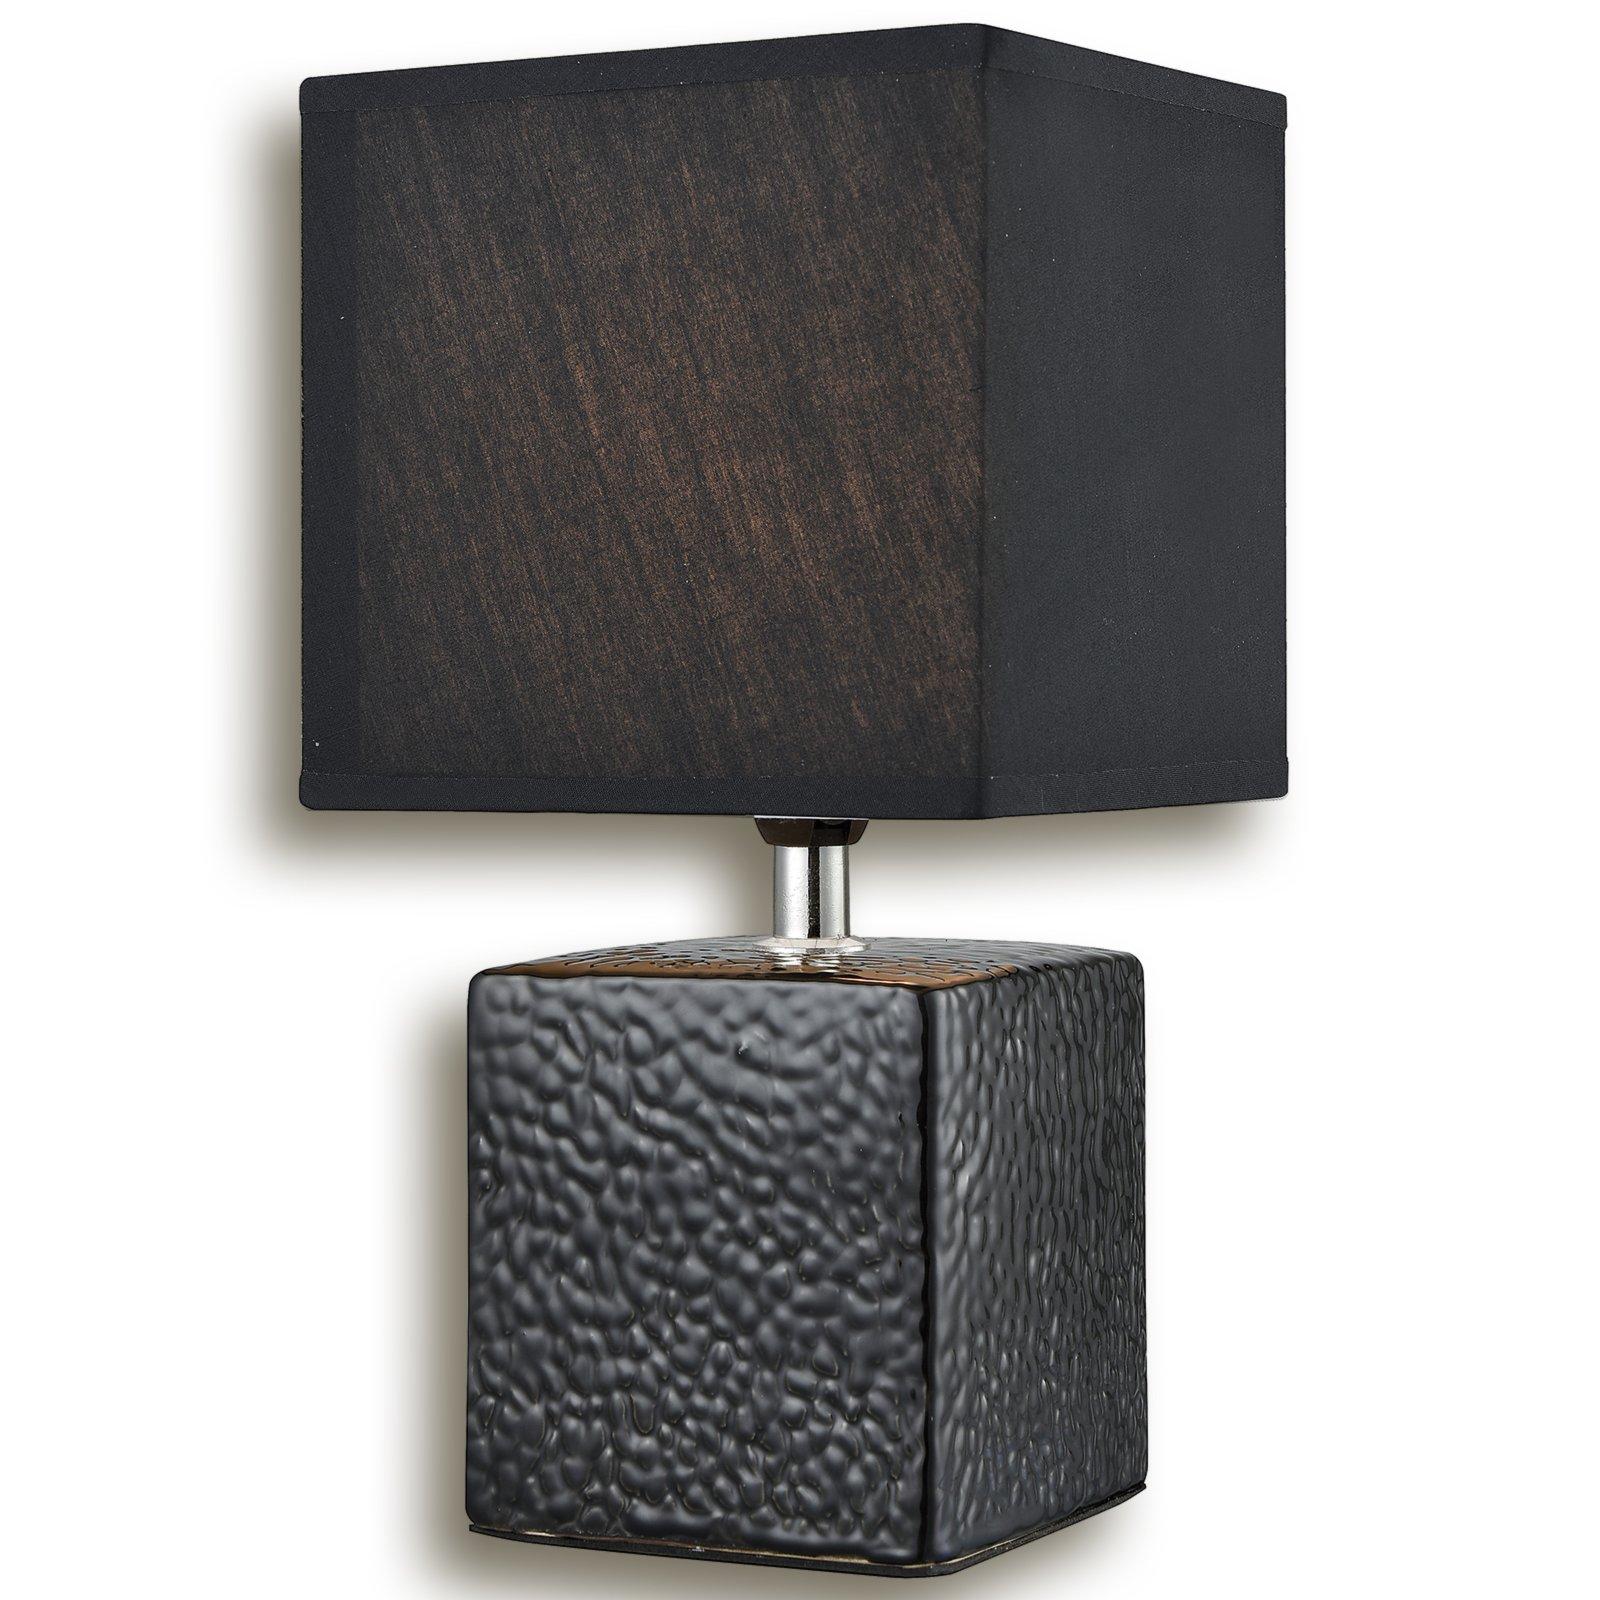 Tischlampe MARCO - schwarz - 28 cm